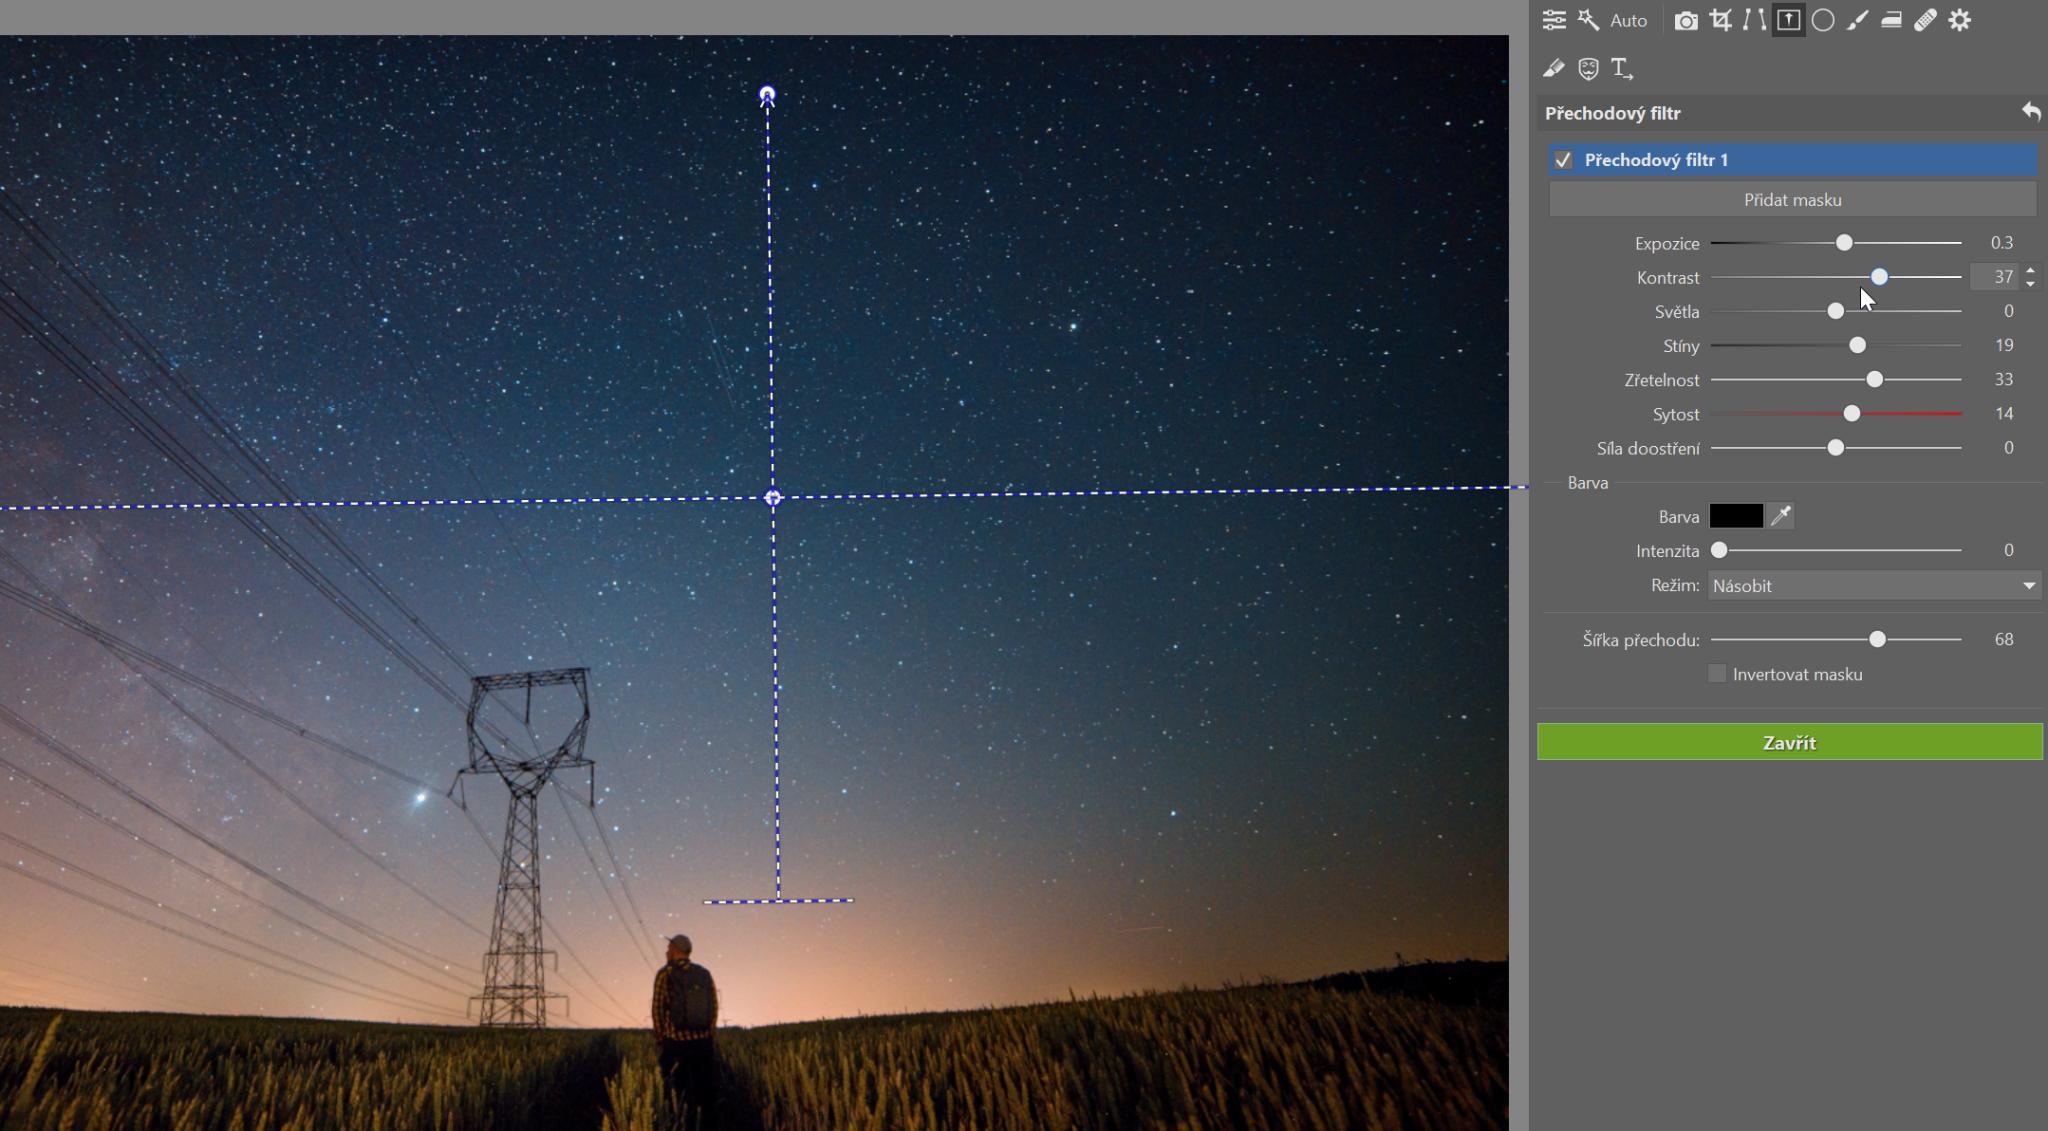 Fotky noční oblohy: přechod